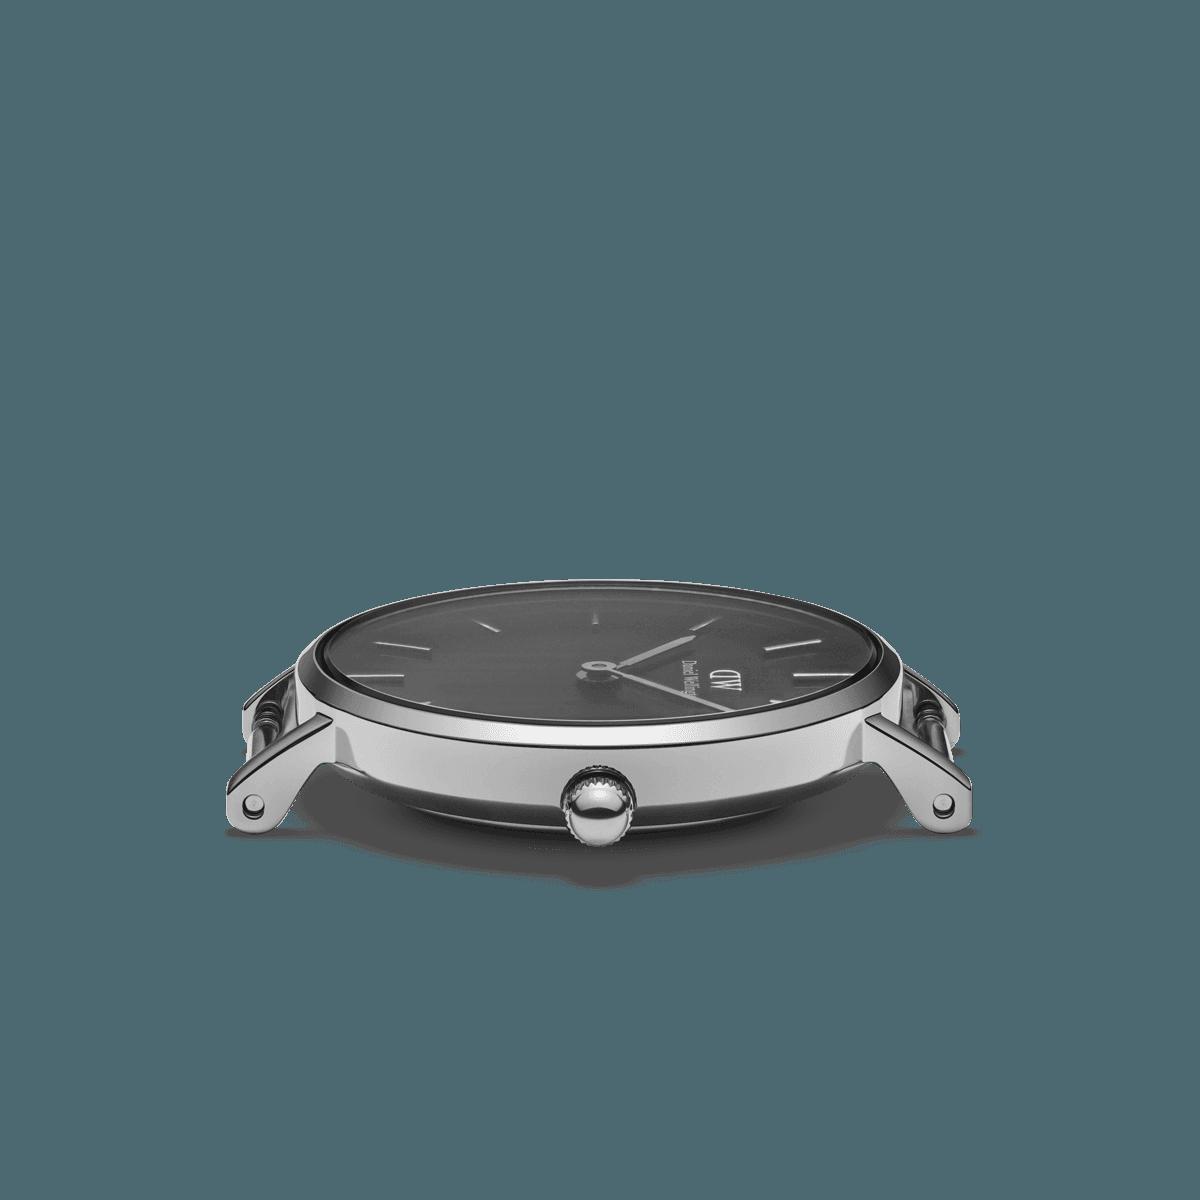 dw官网 dw手表官网 dw中国官网 dw官方旗舰店 DW DW官网  W Petite Black Cornwall Silver 28mm